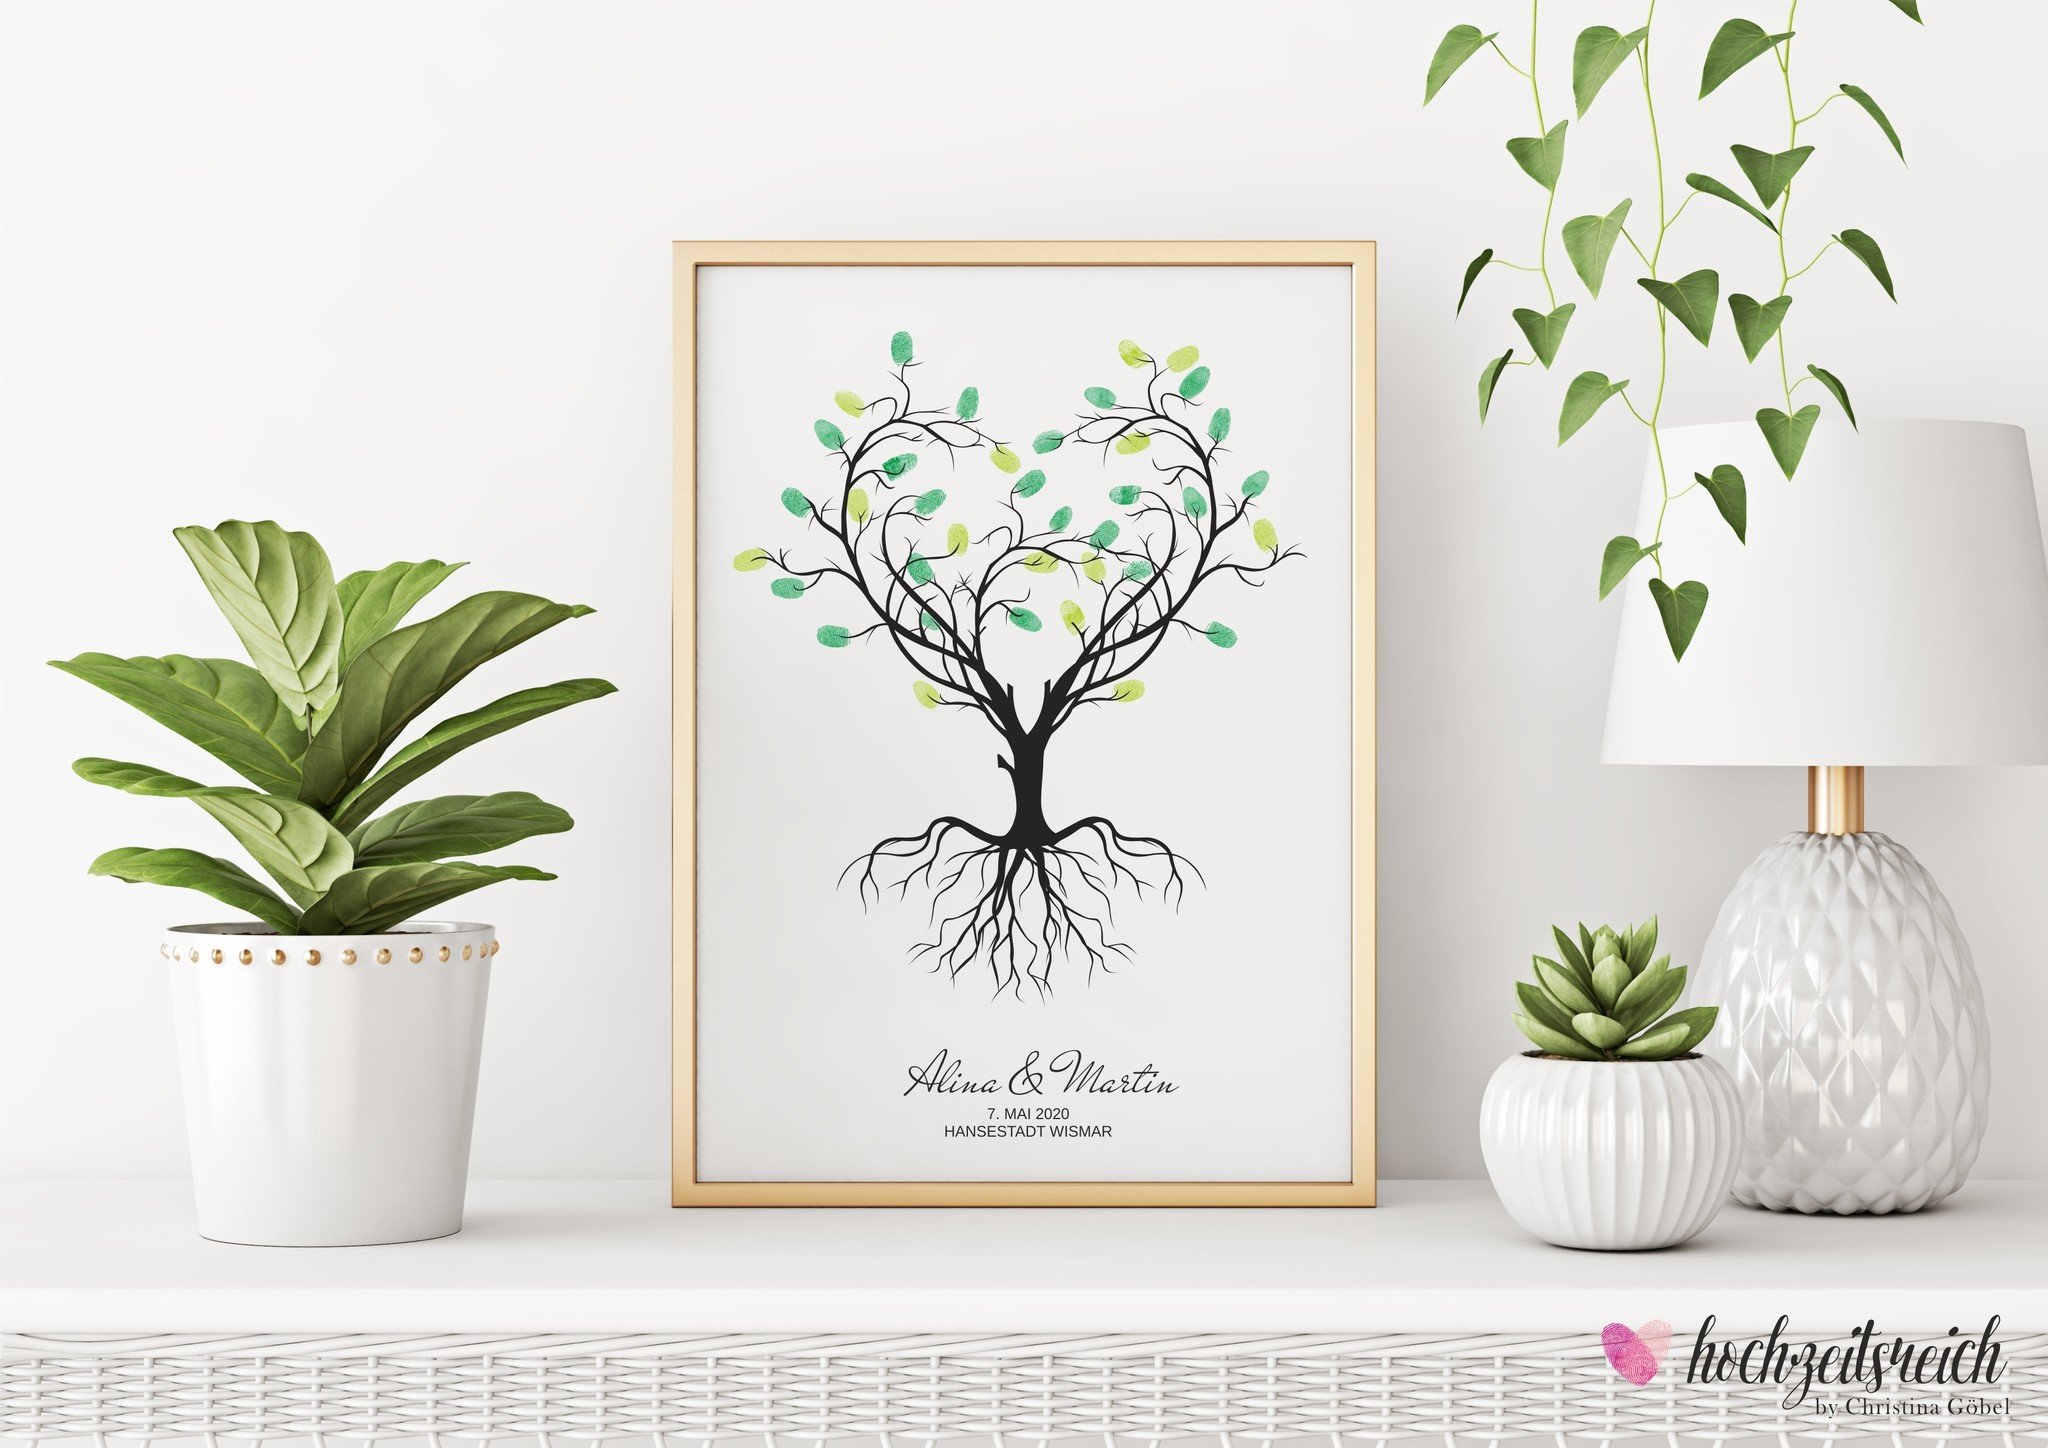 Hochzeitsbaum wedding tree Fingerabdruckbaum // Herzbaum